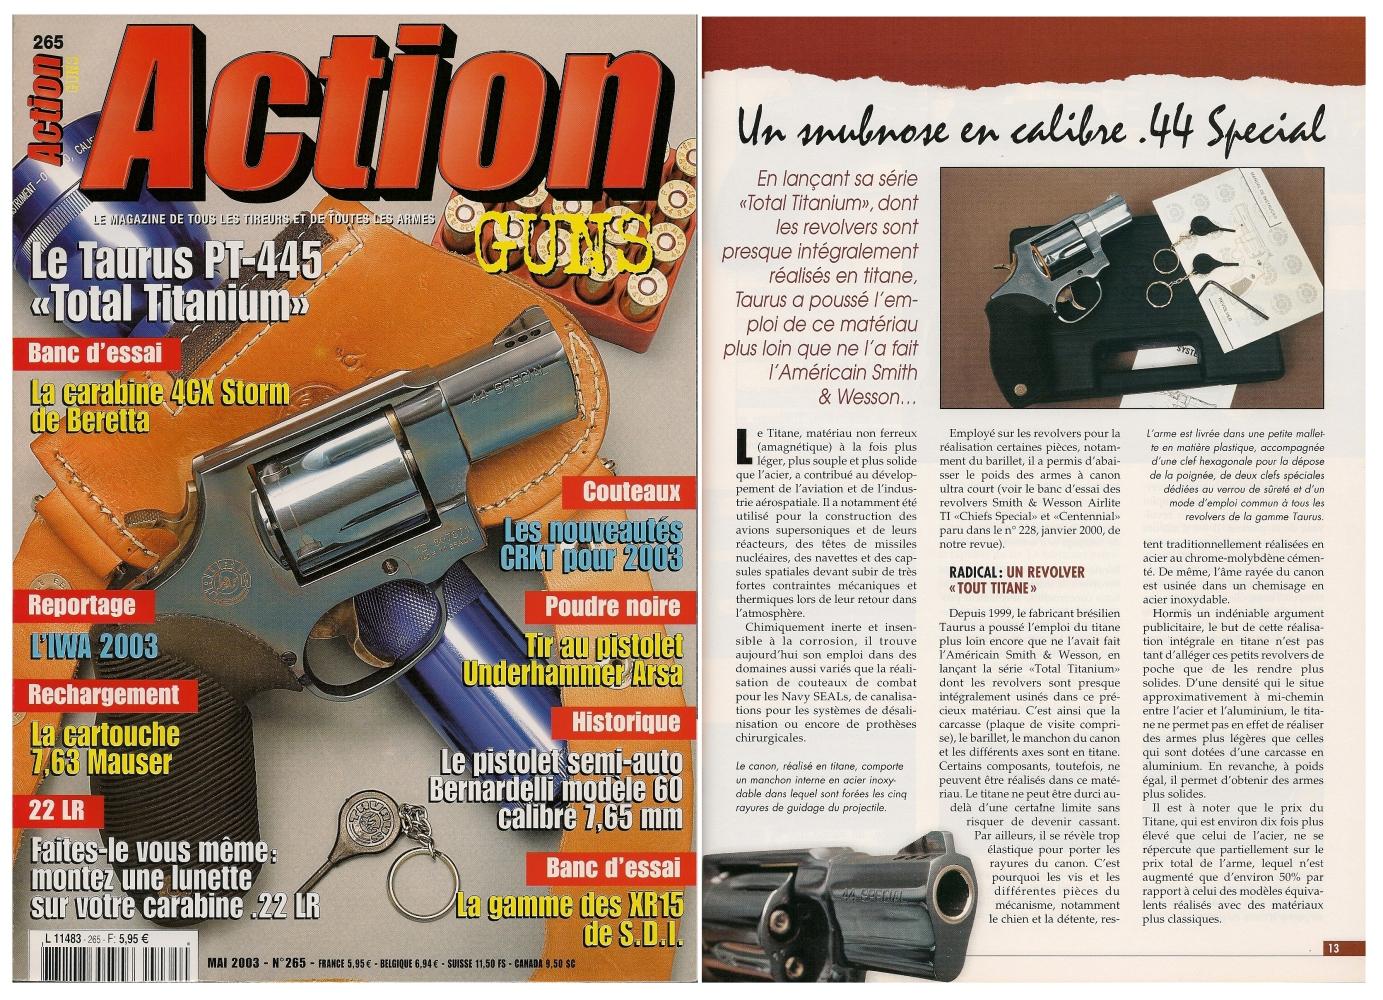 Le banc d'essai du revolver Taurus PT-445 All Titanium a été publié sur 6 pages dans le magazine Action Guns n° 265 (mai 2003).